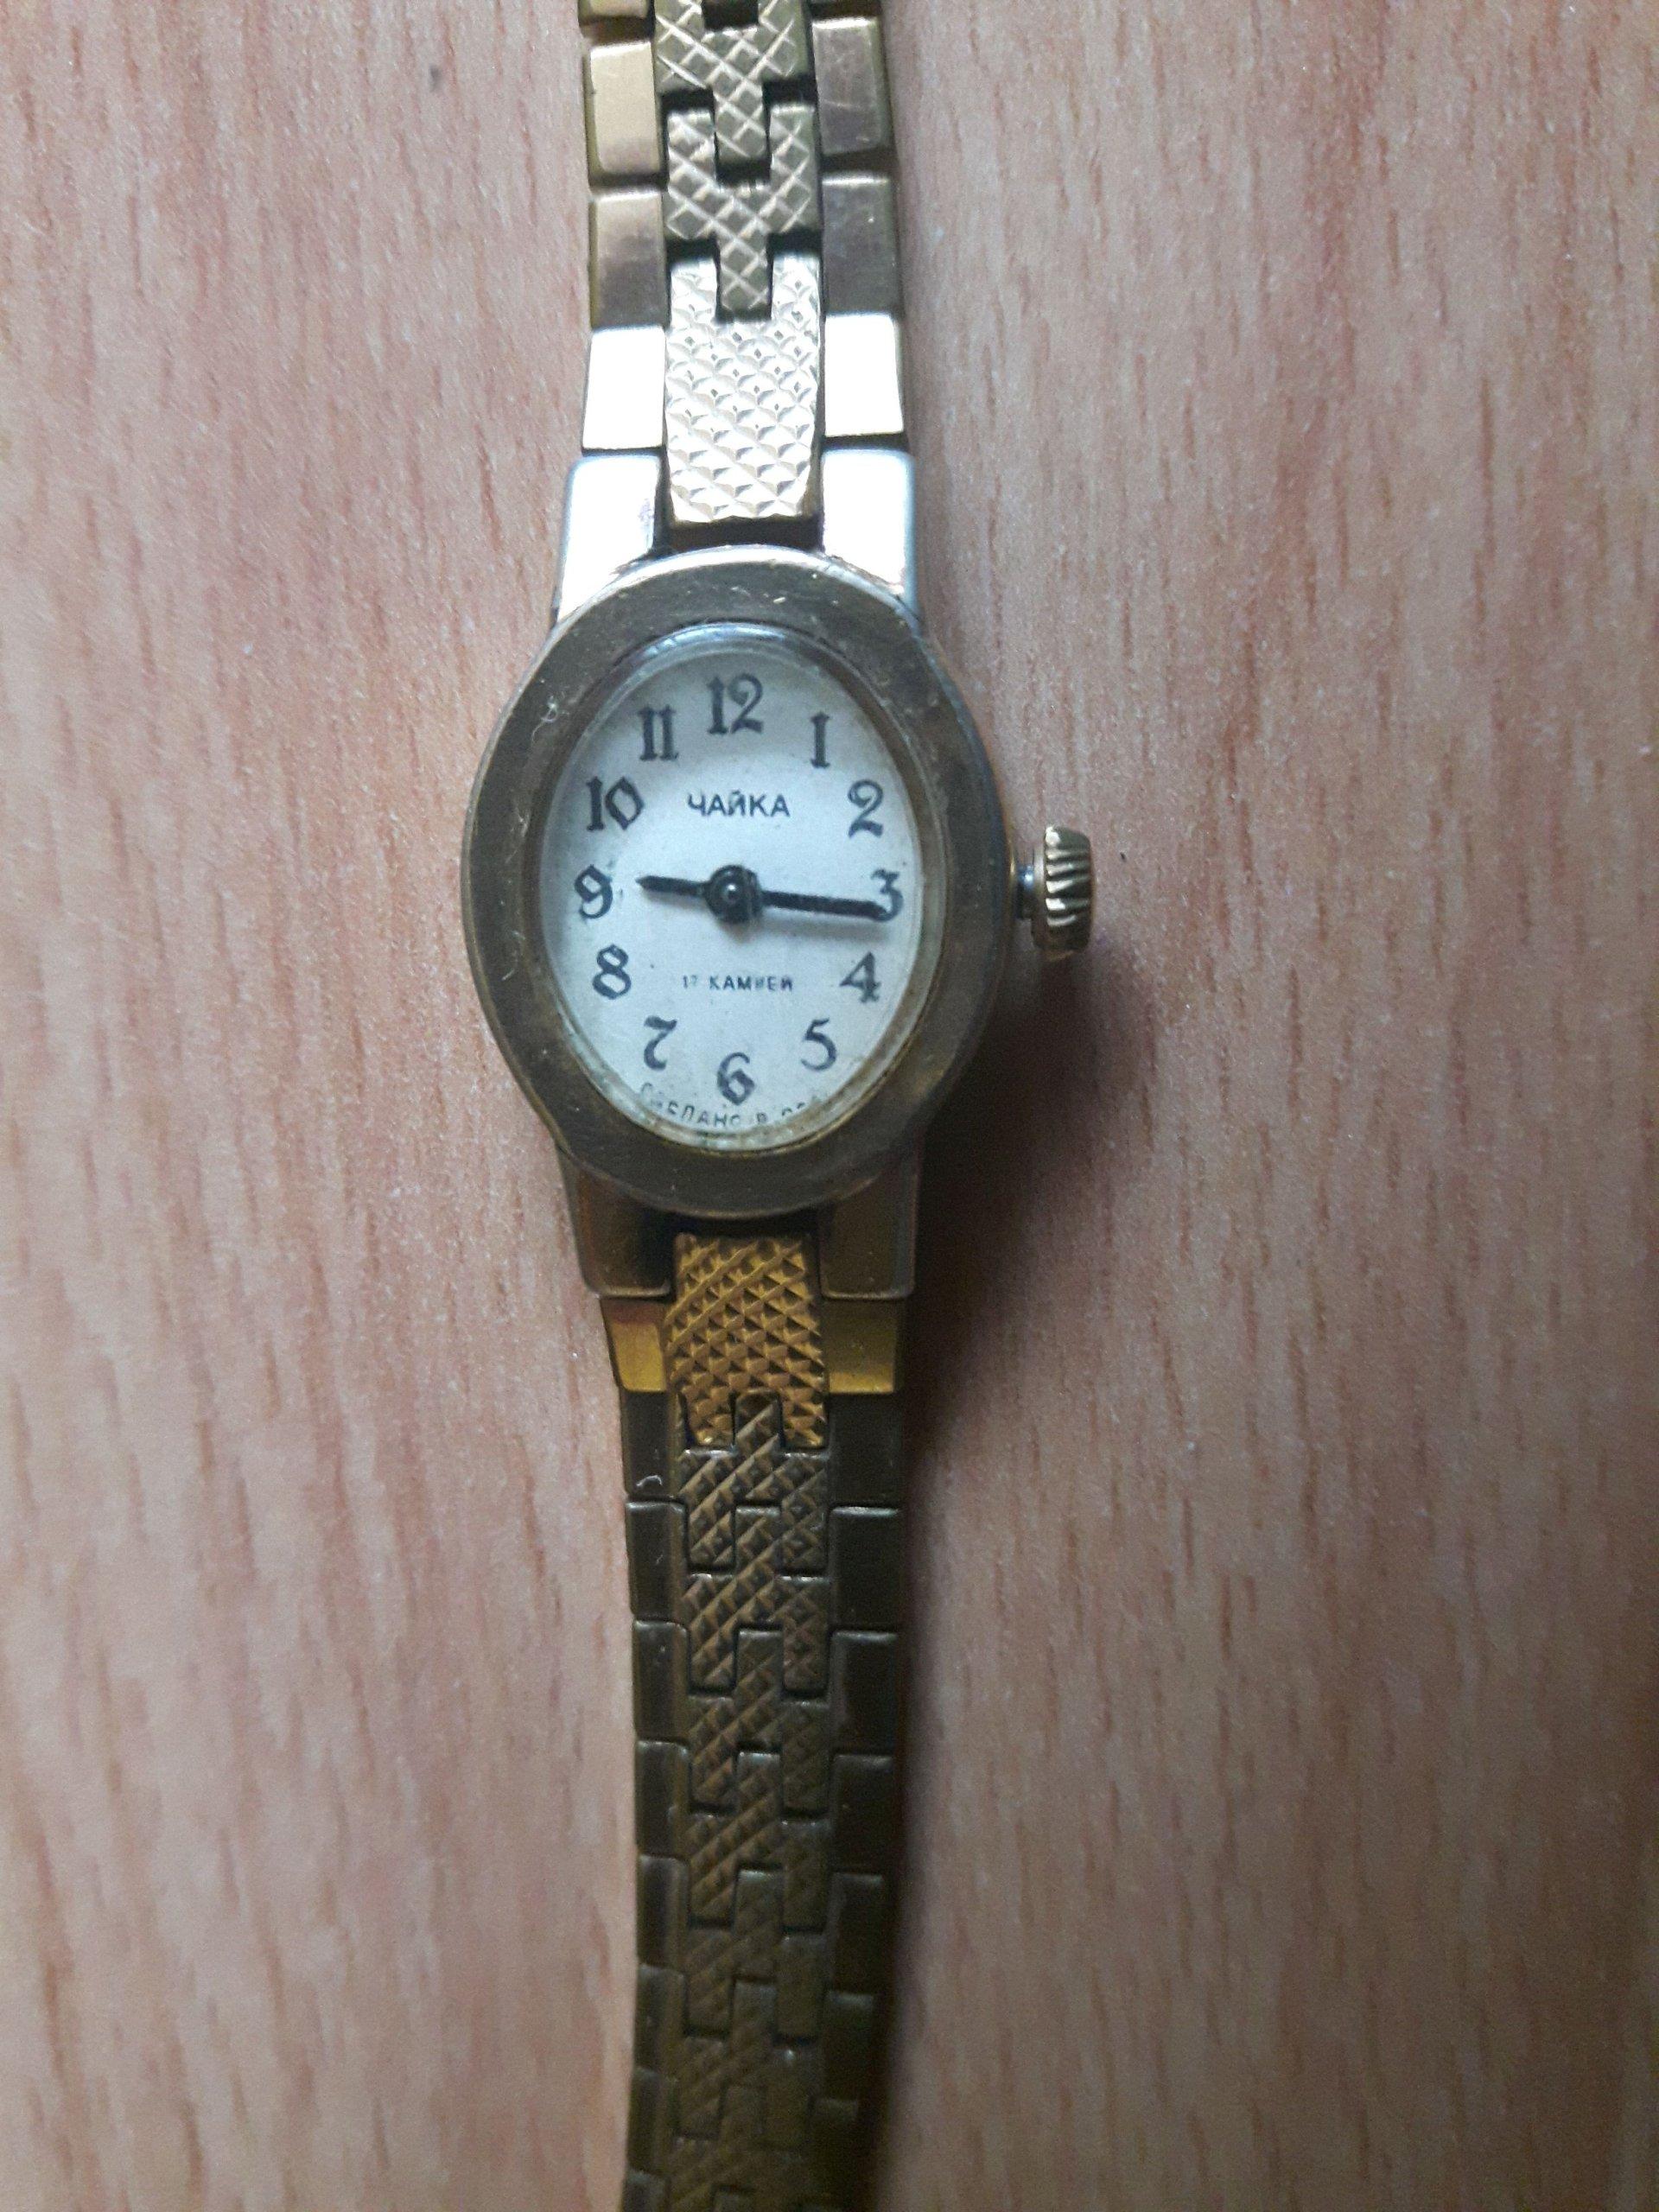 3924ce04dad Zegarek mechaniczny damski Czajka CCCP niesprawny - 7180608349 - oficjalne  archiwum allegro